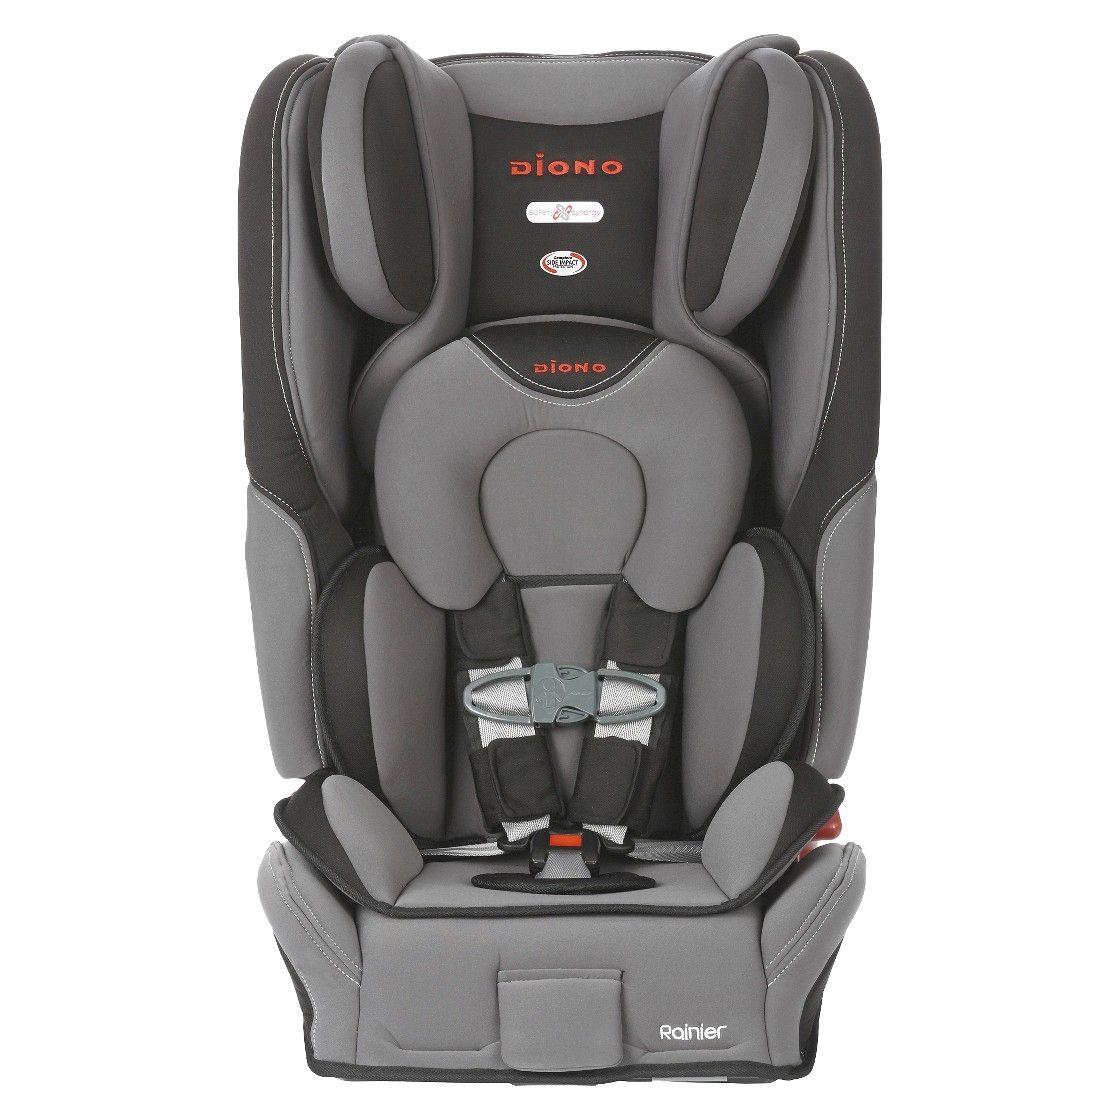 car seats,car seat,convertible car seat,convertible car